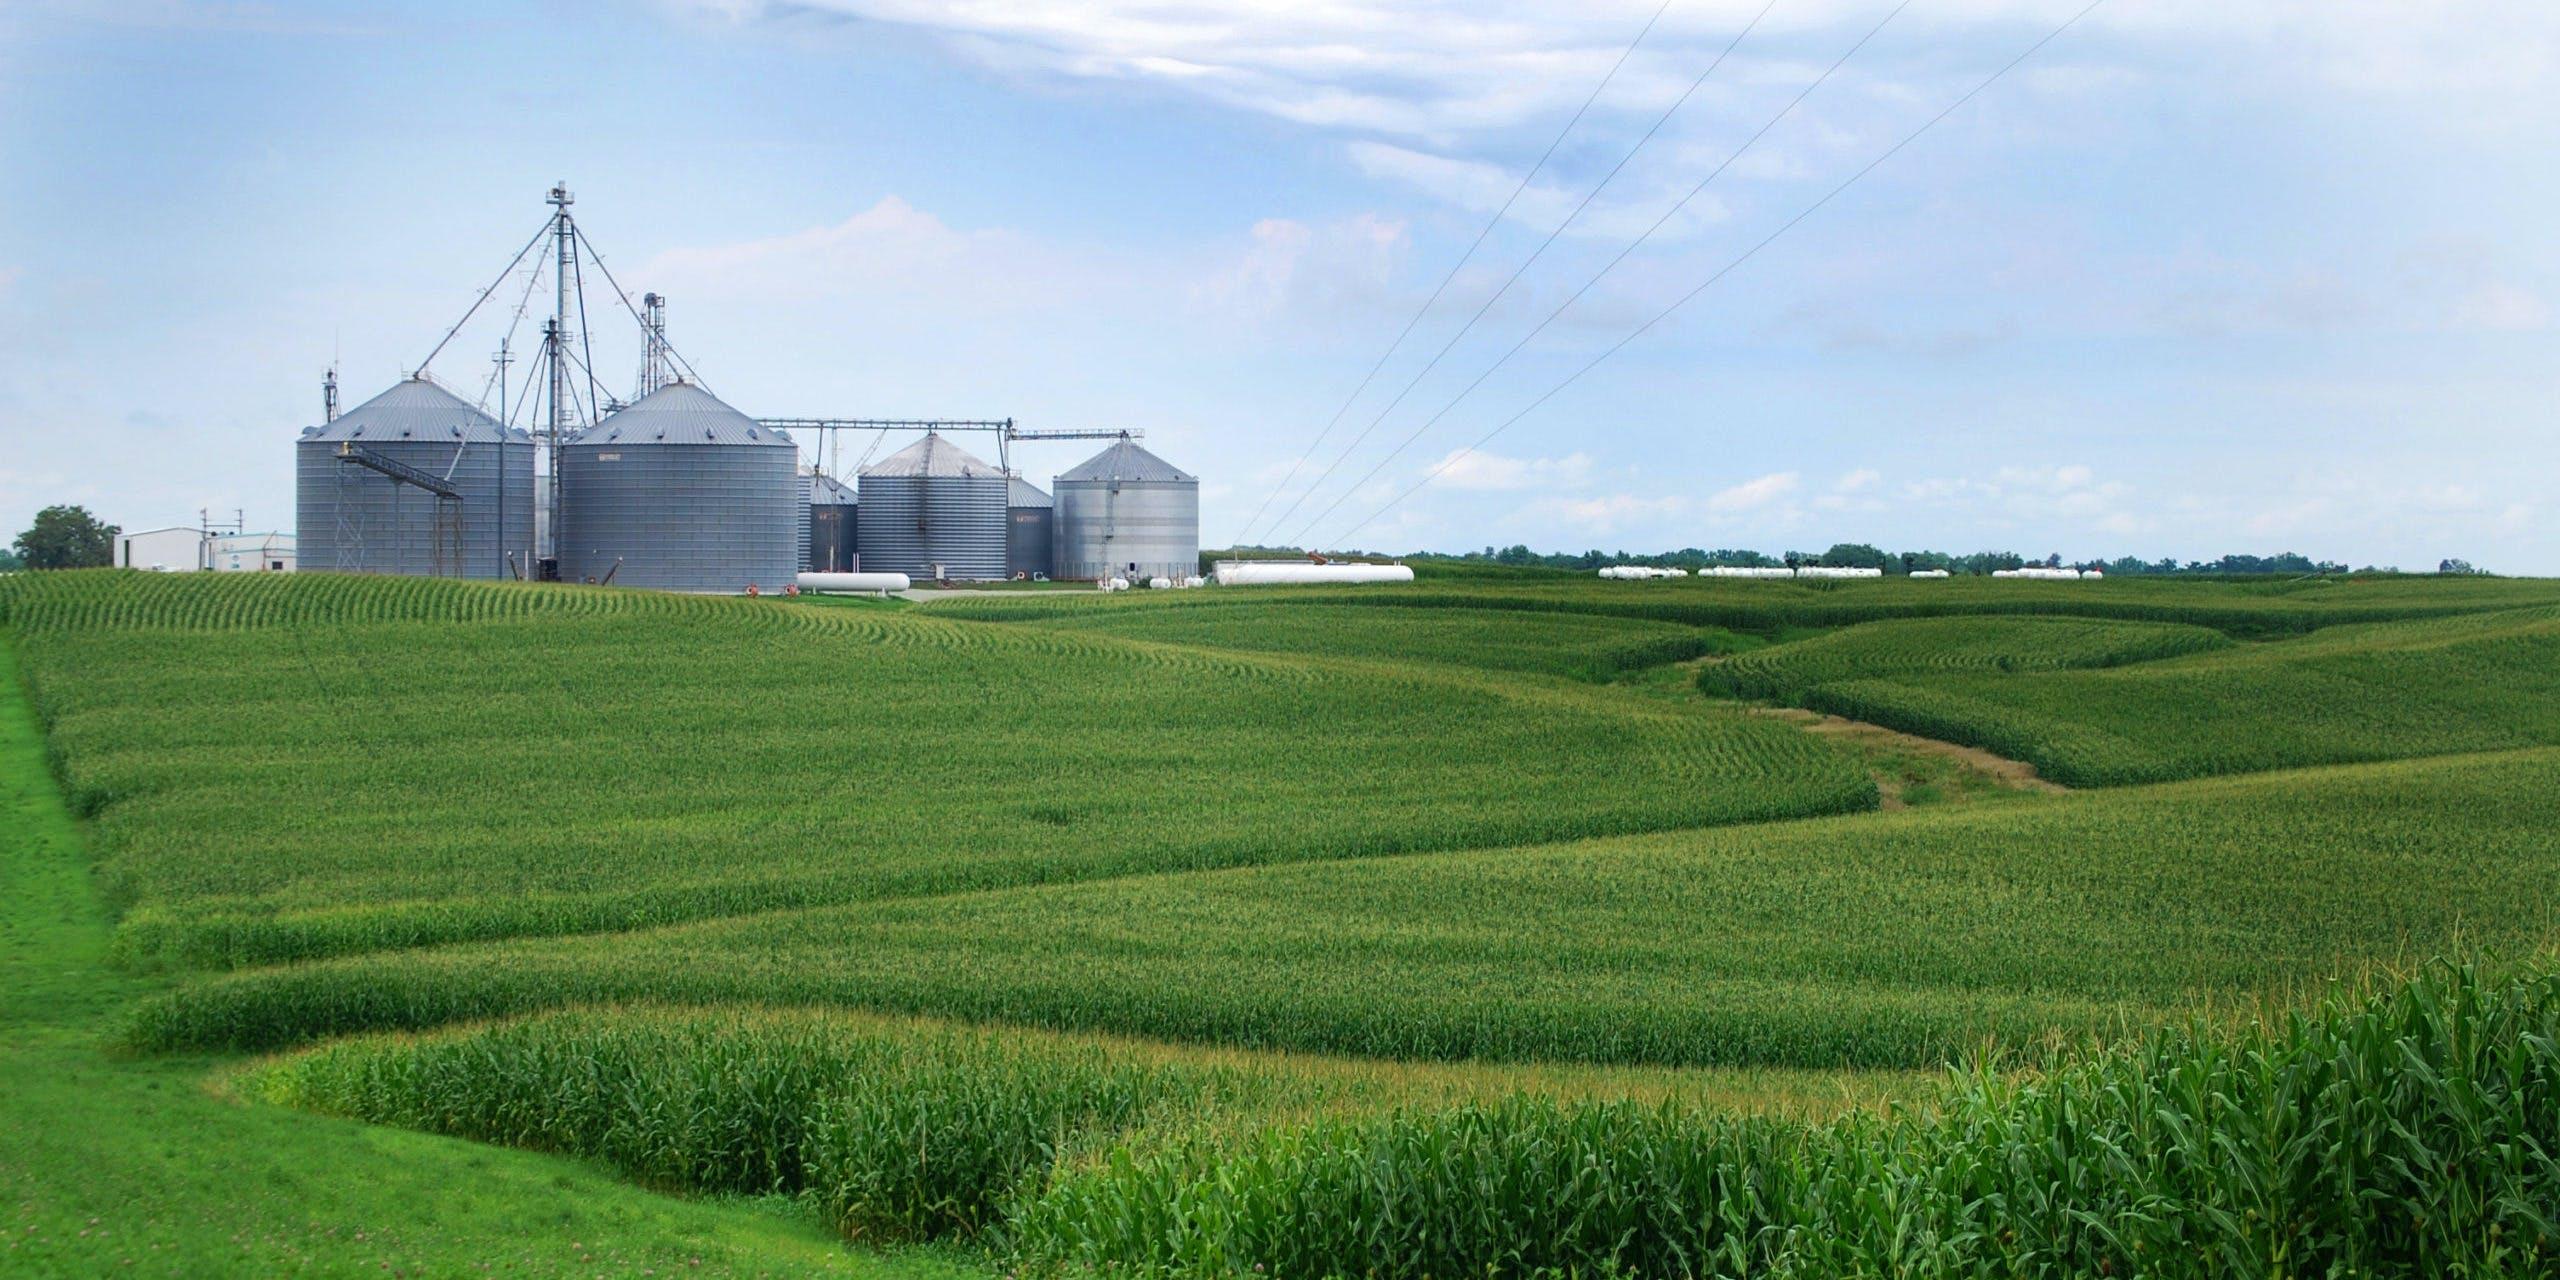 We must not weaken the farm safety net. description